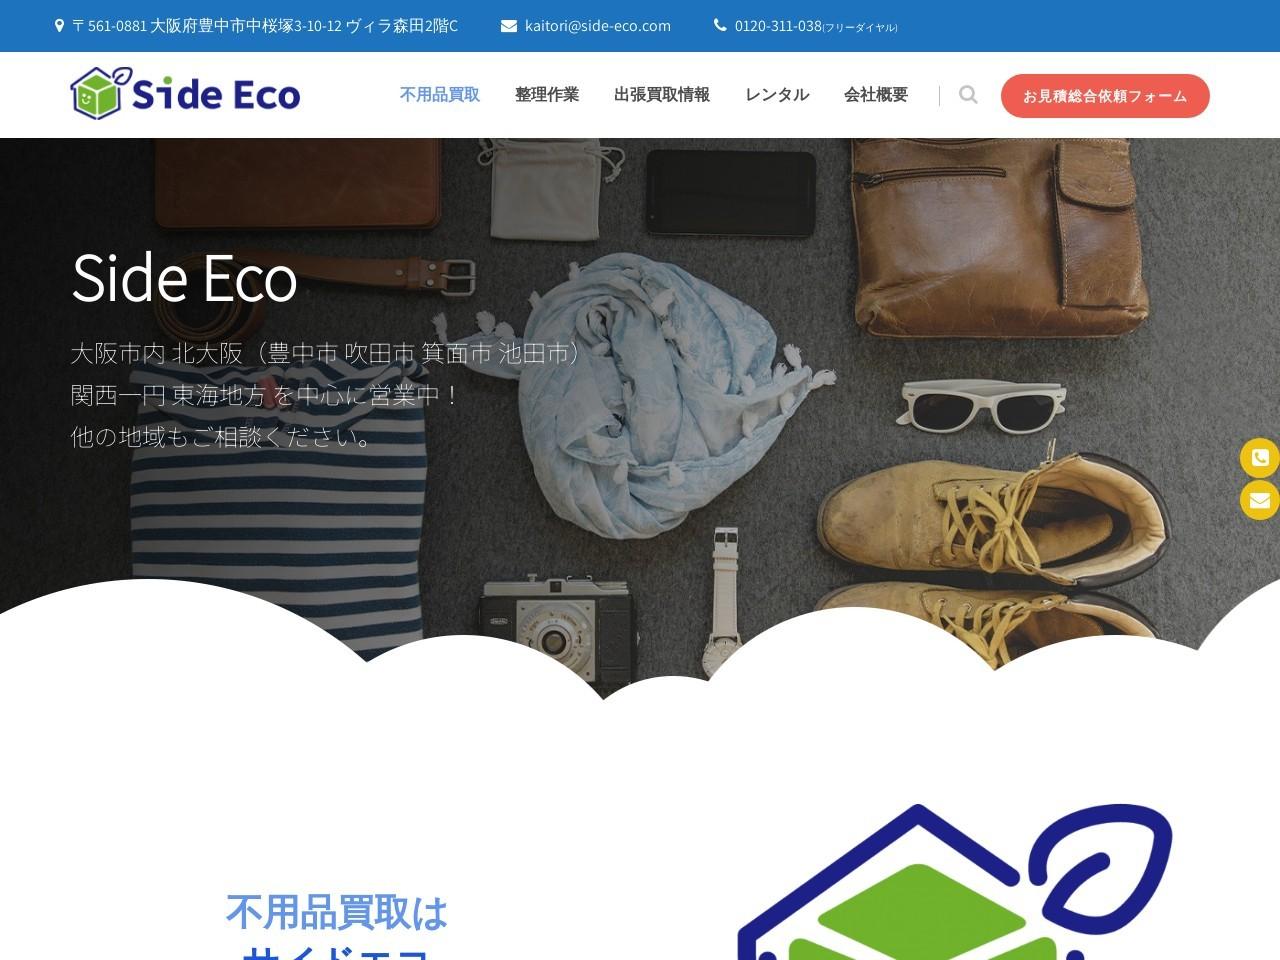 大阪 | 買取り | 北摂 | 関西一円 | 買取専門店 サイドエコ